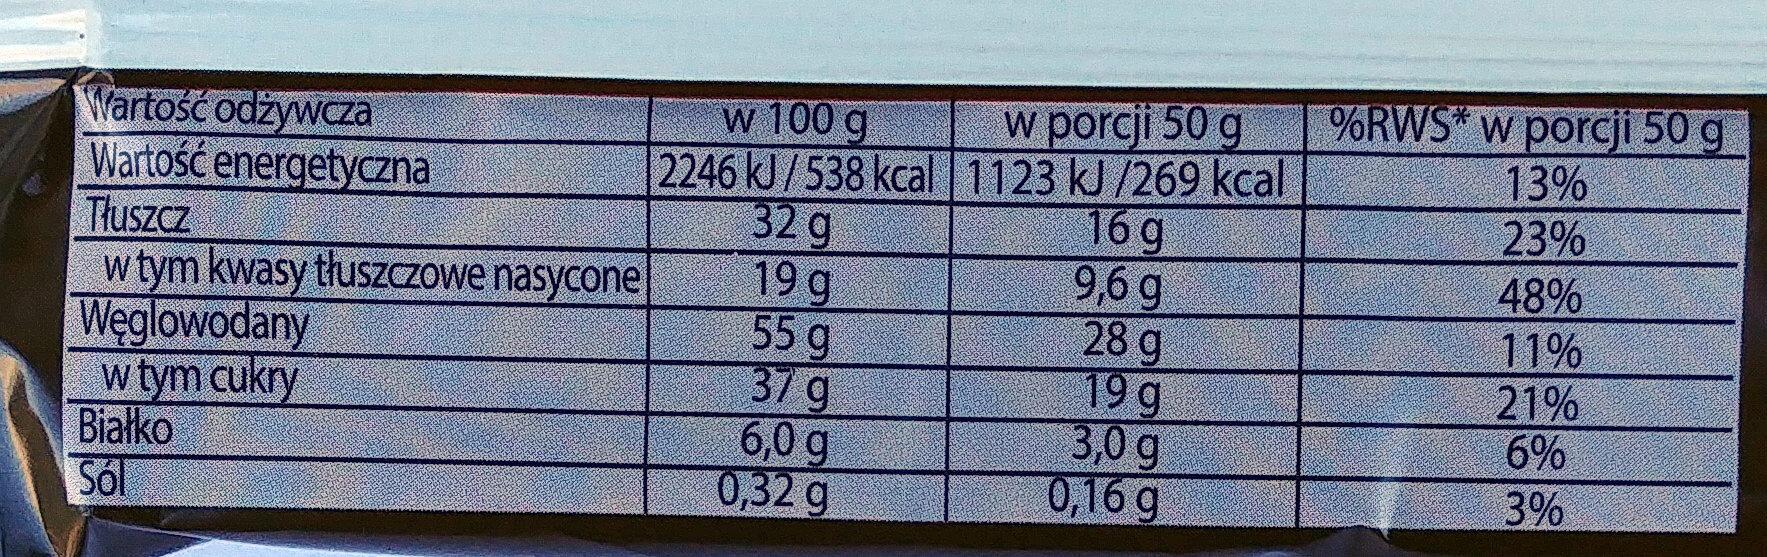 Wafel przekładany kremem kakaowym w czekoladzie - Nutrition facts - pl